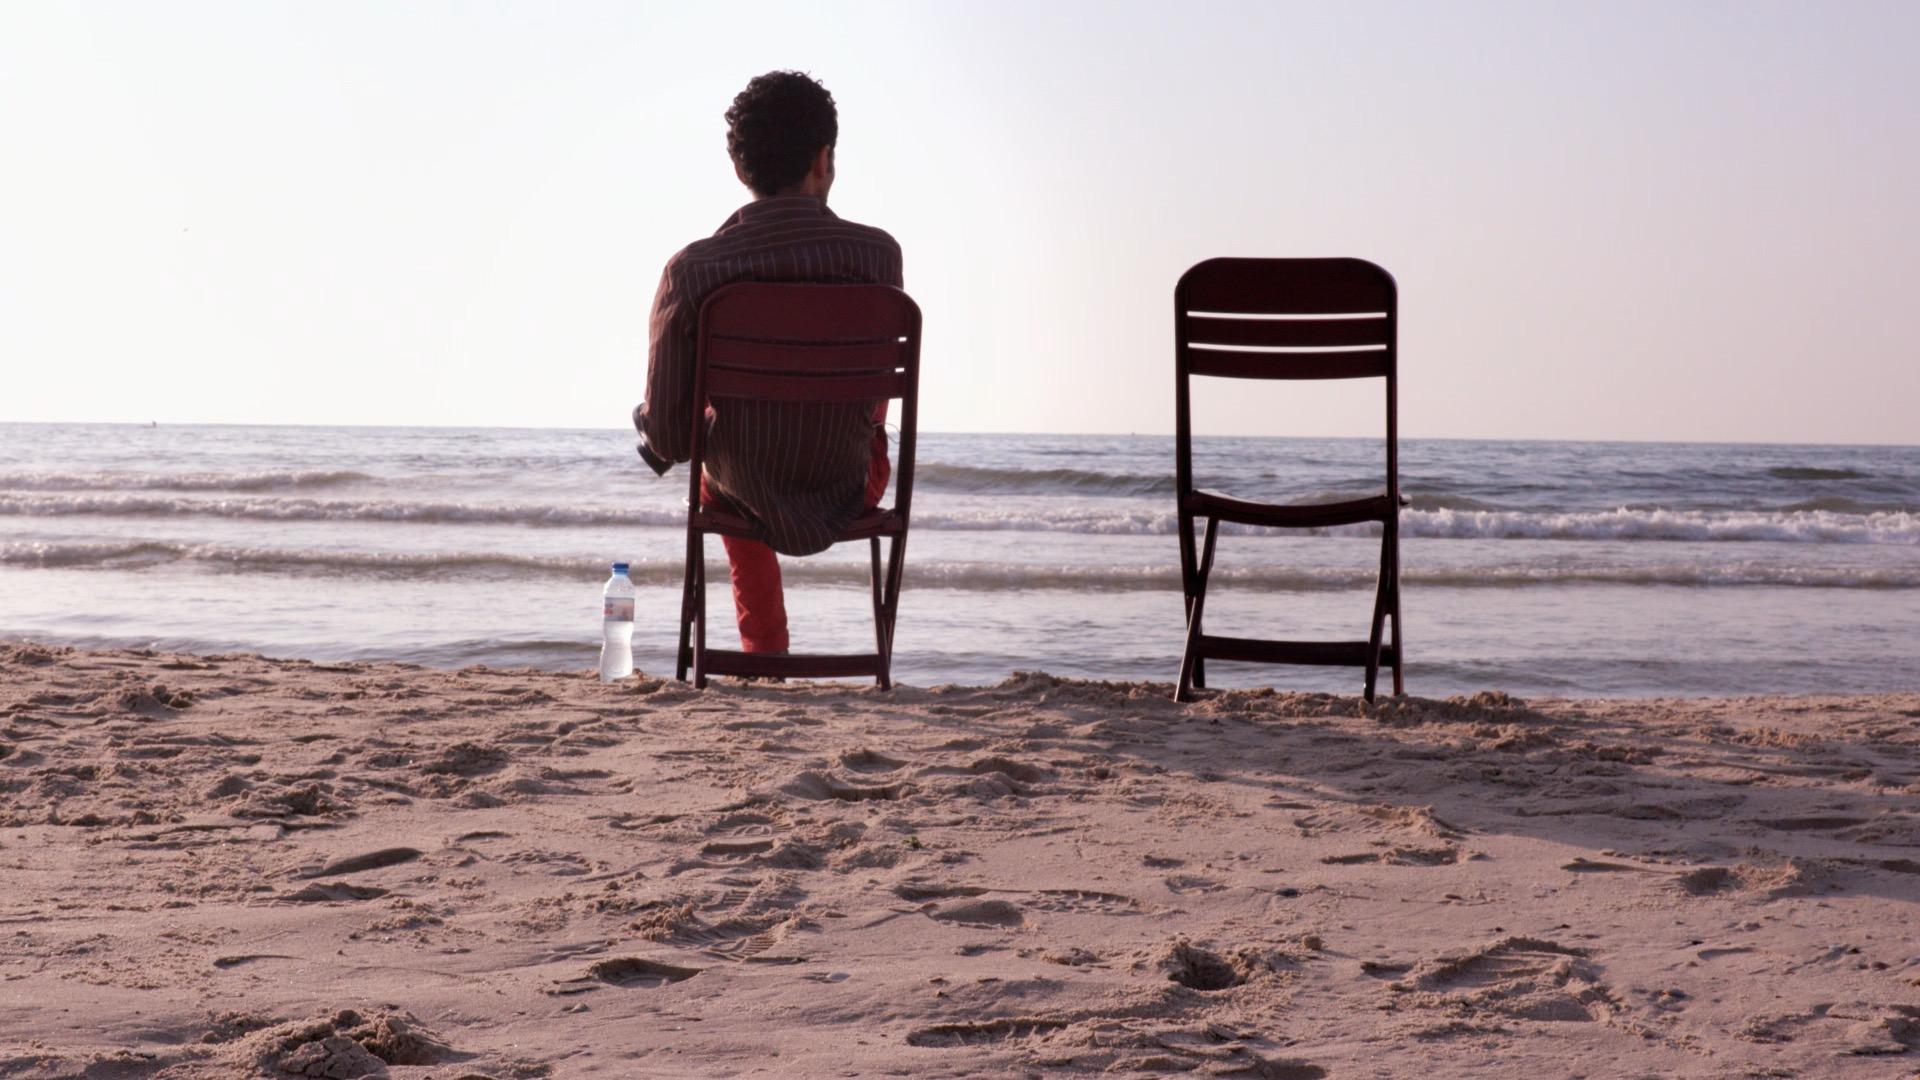 Gaza Dreams sea gaze.jpg